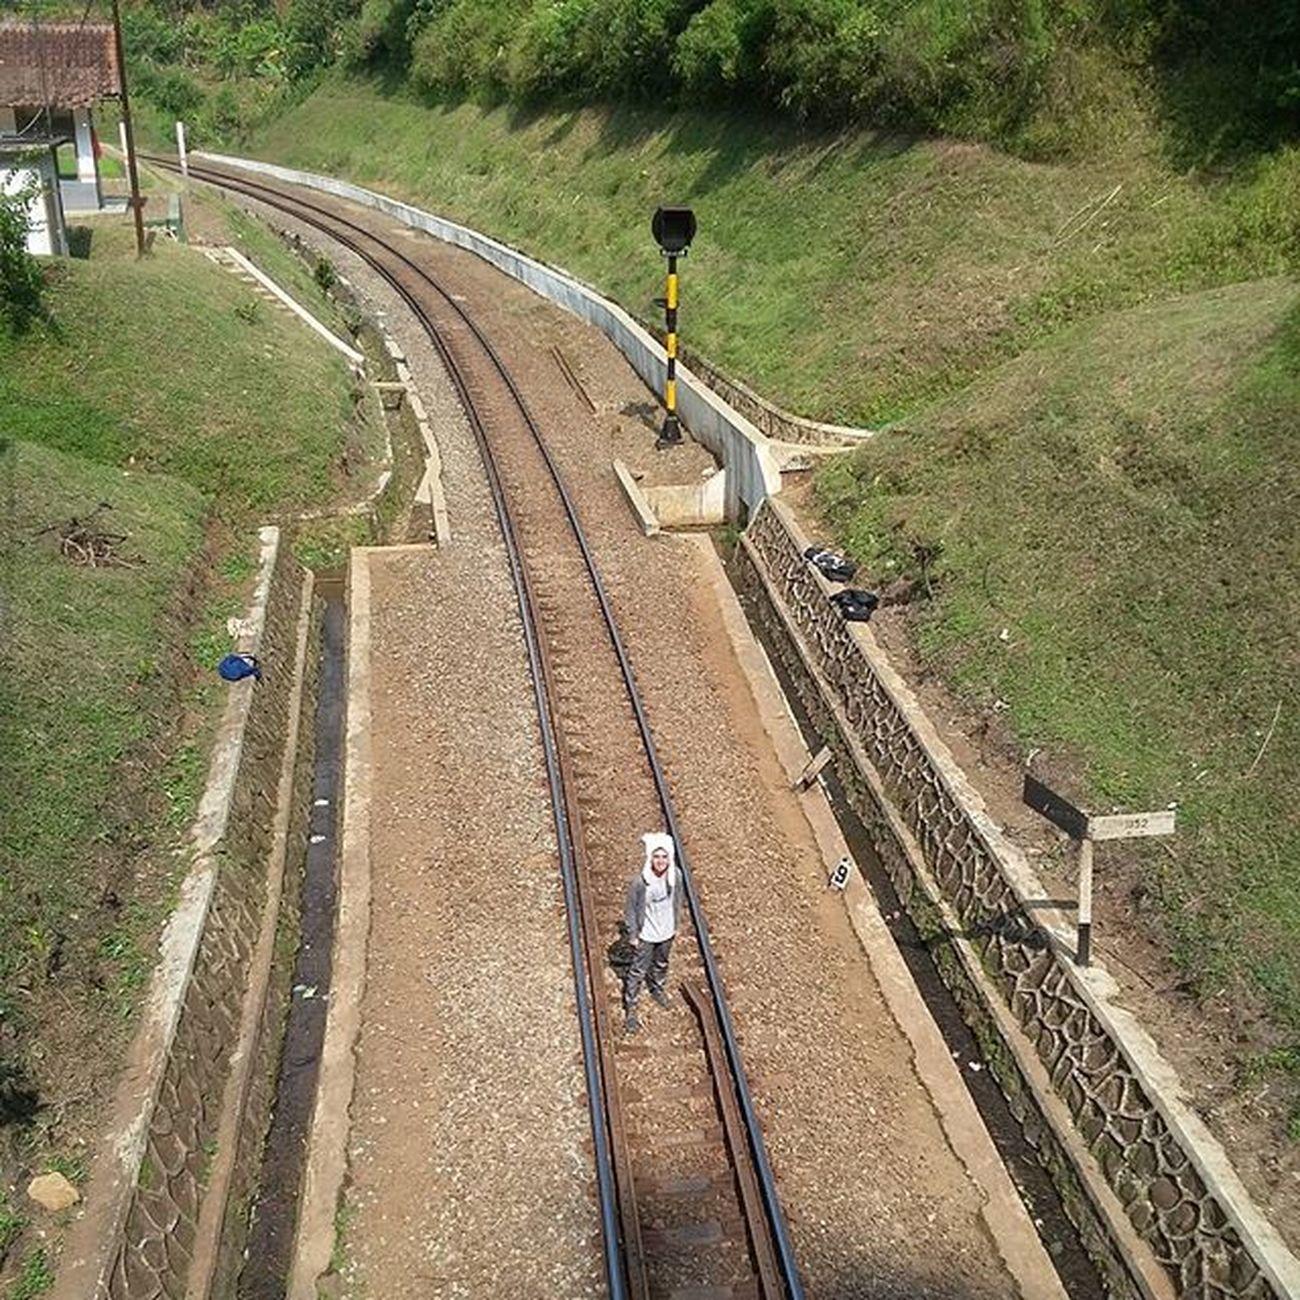 Terjebak sendiri di lintasan cerita Kemelut derita melarung hara (SARASVATI - LARUNG HARA) Lokasi : Lintasan Kereta Api Sasaksaat, Padalarang Ridwanderful JarambahBandung DiBawahLangitBandung BandungIsMe